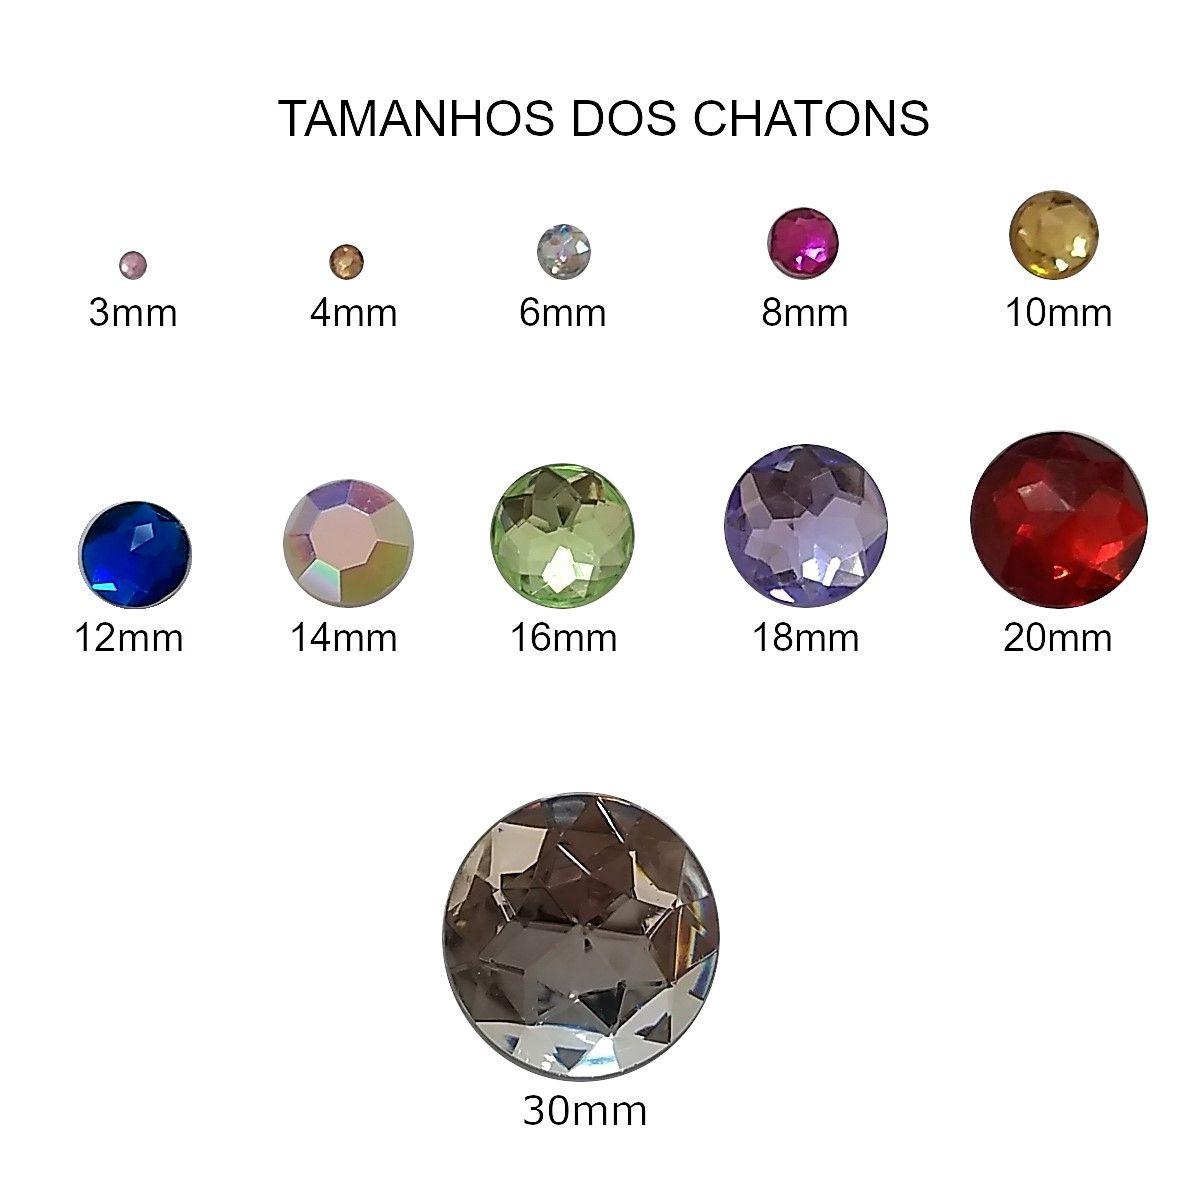 Chaton Costura Redondo Azul Escuro 6mm a 16mm  - SanBiju